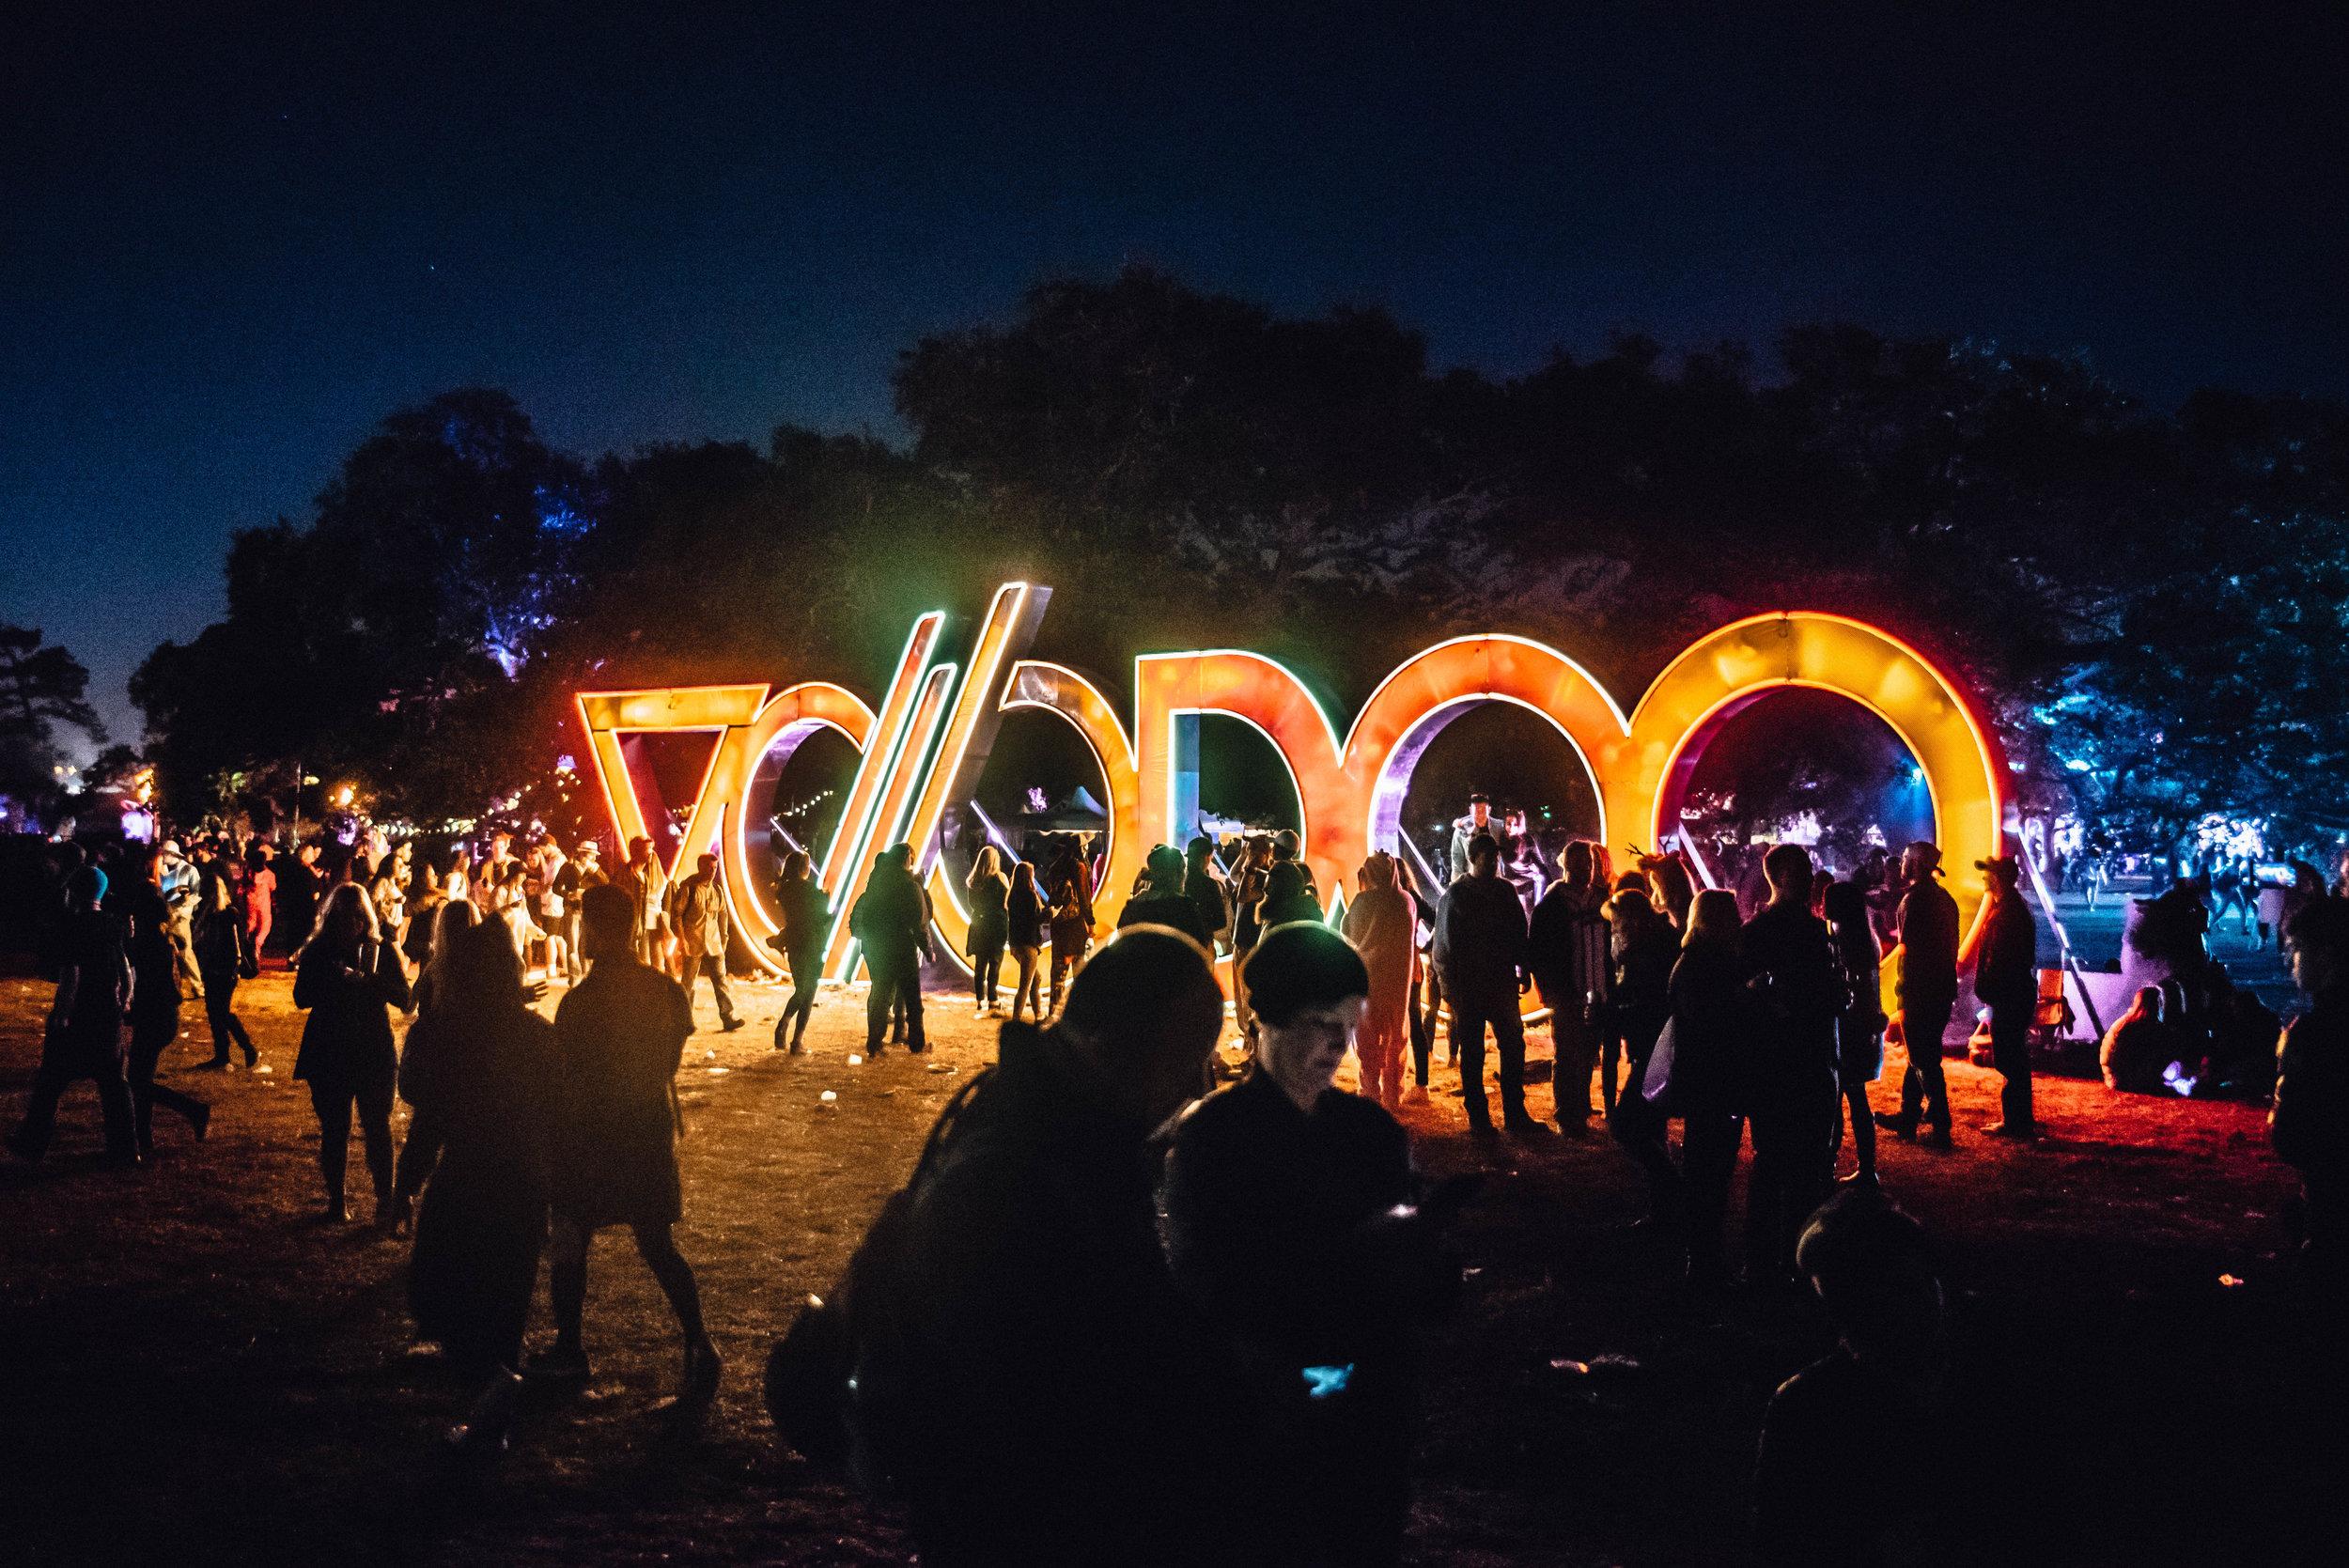 Experience_Voodoo17_JordanHefler-0181.jpg